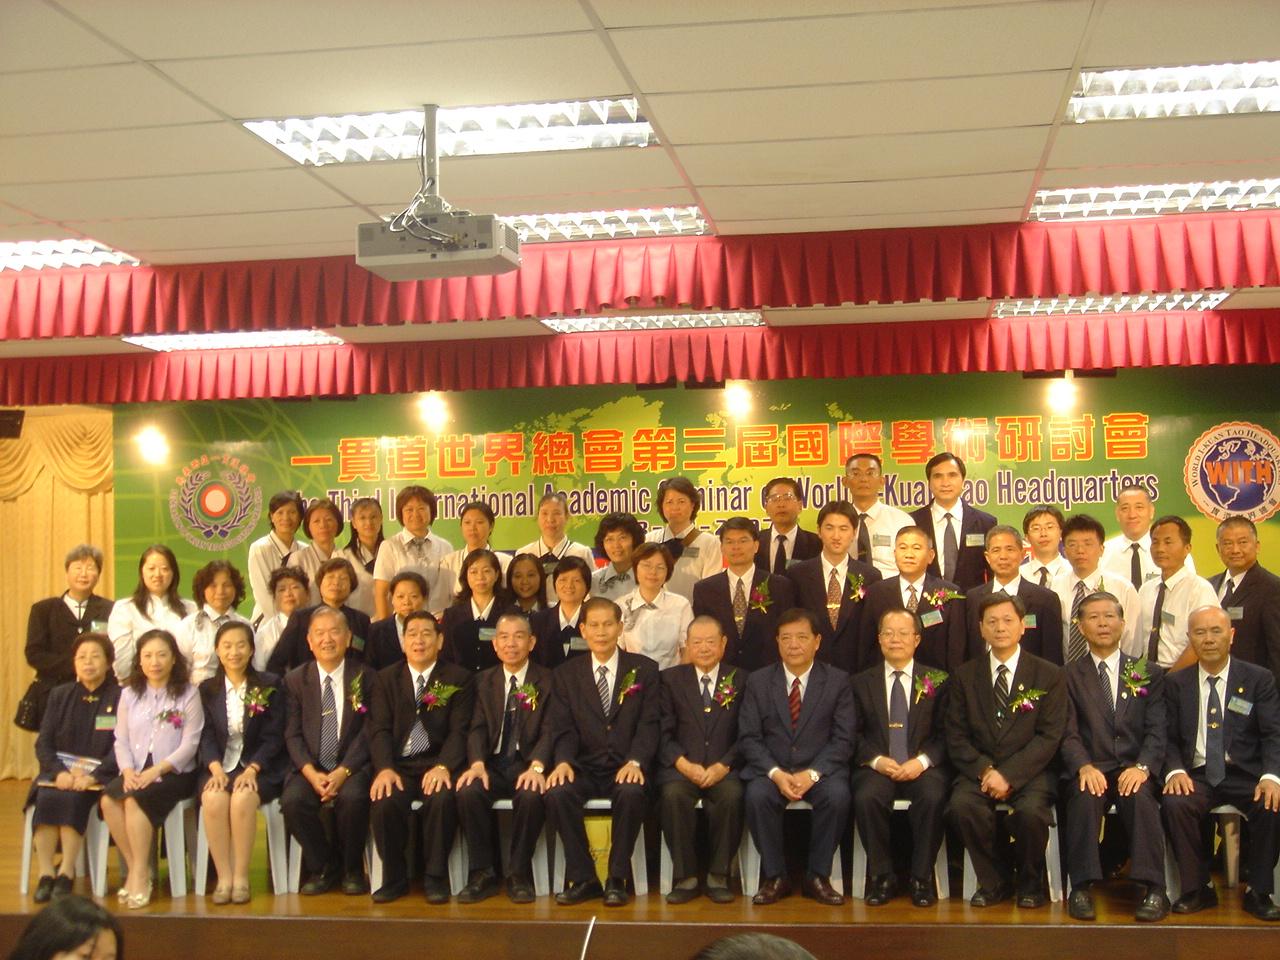 一貫道世界總會第三屆國際學術研討會 2007.12.02